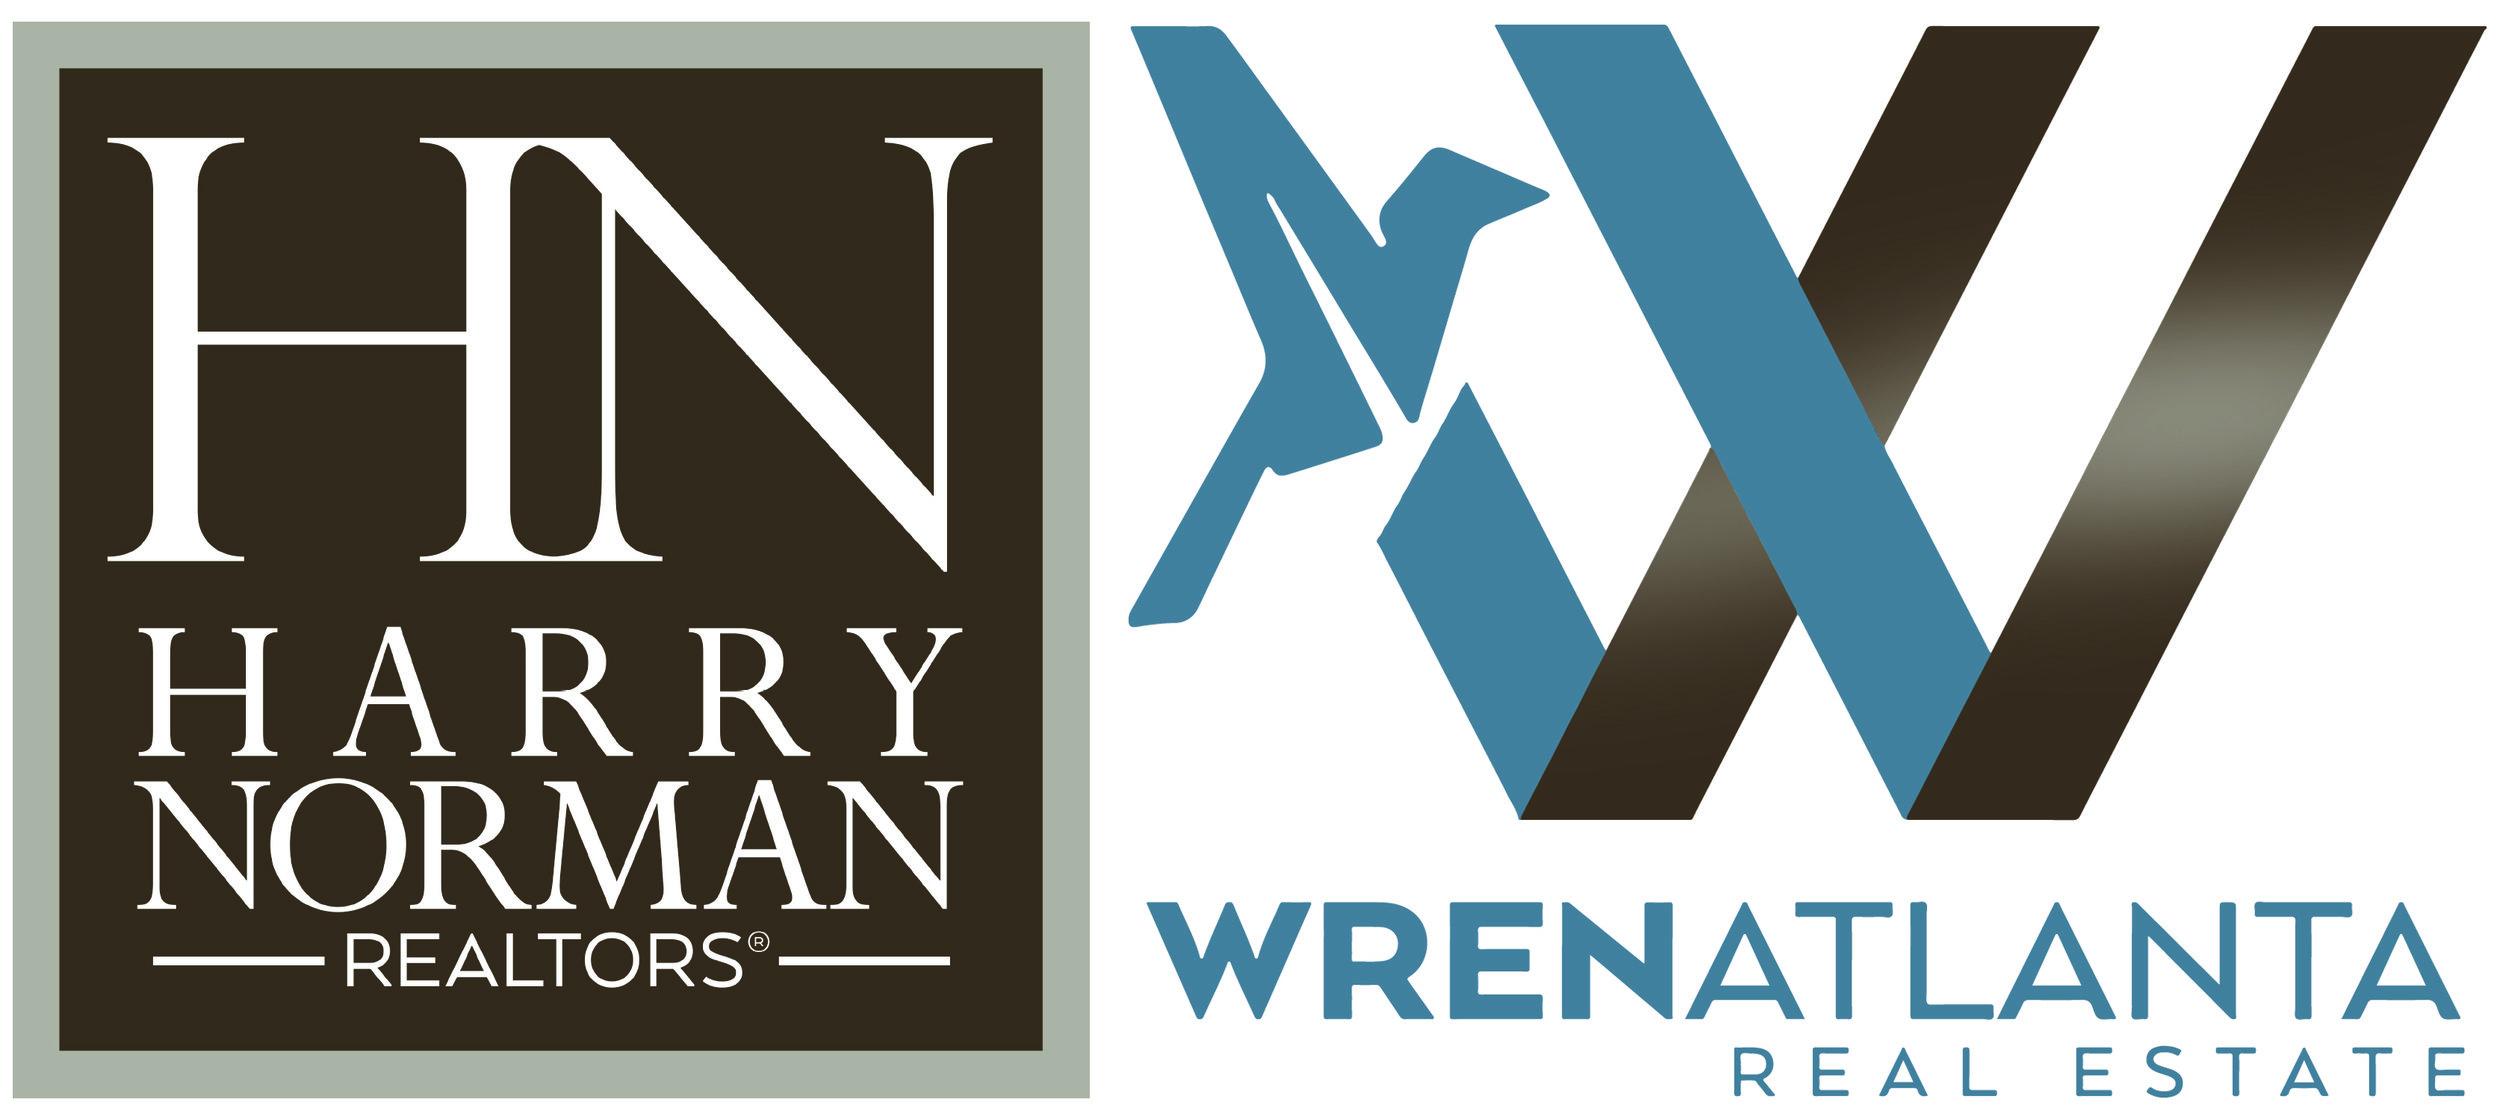 HNR and WREN logos combo.jpg